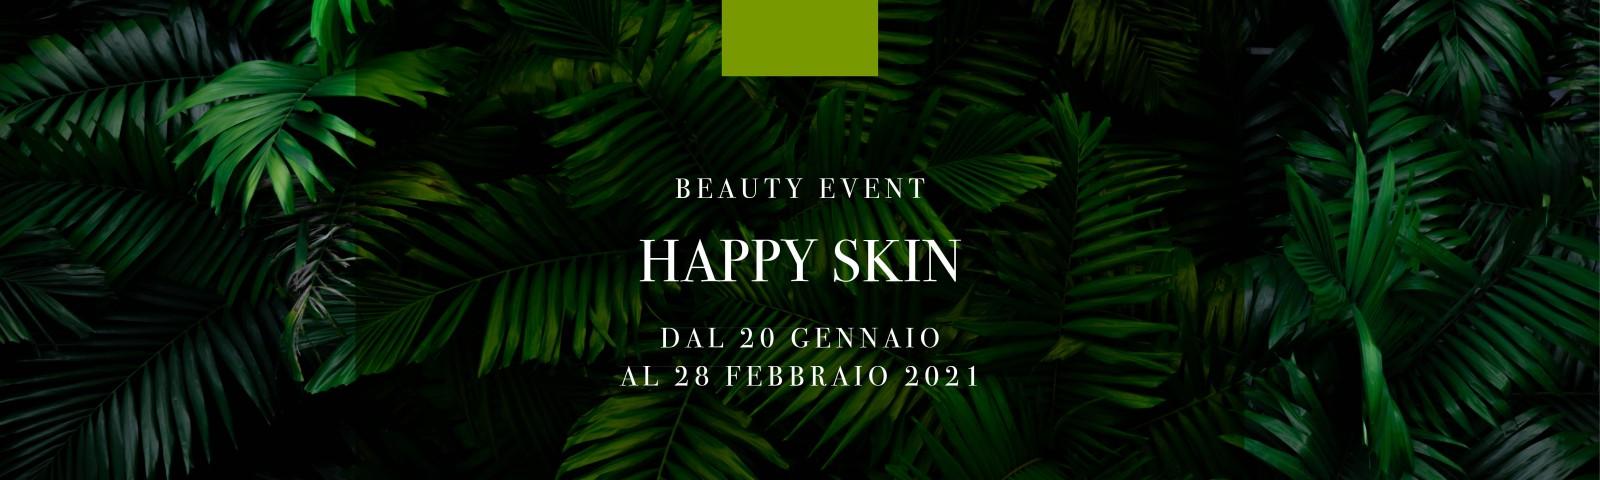 Happy skin 2021